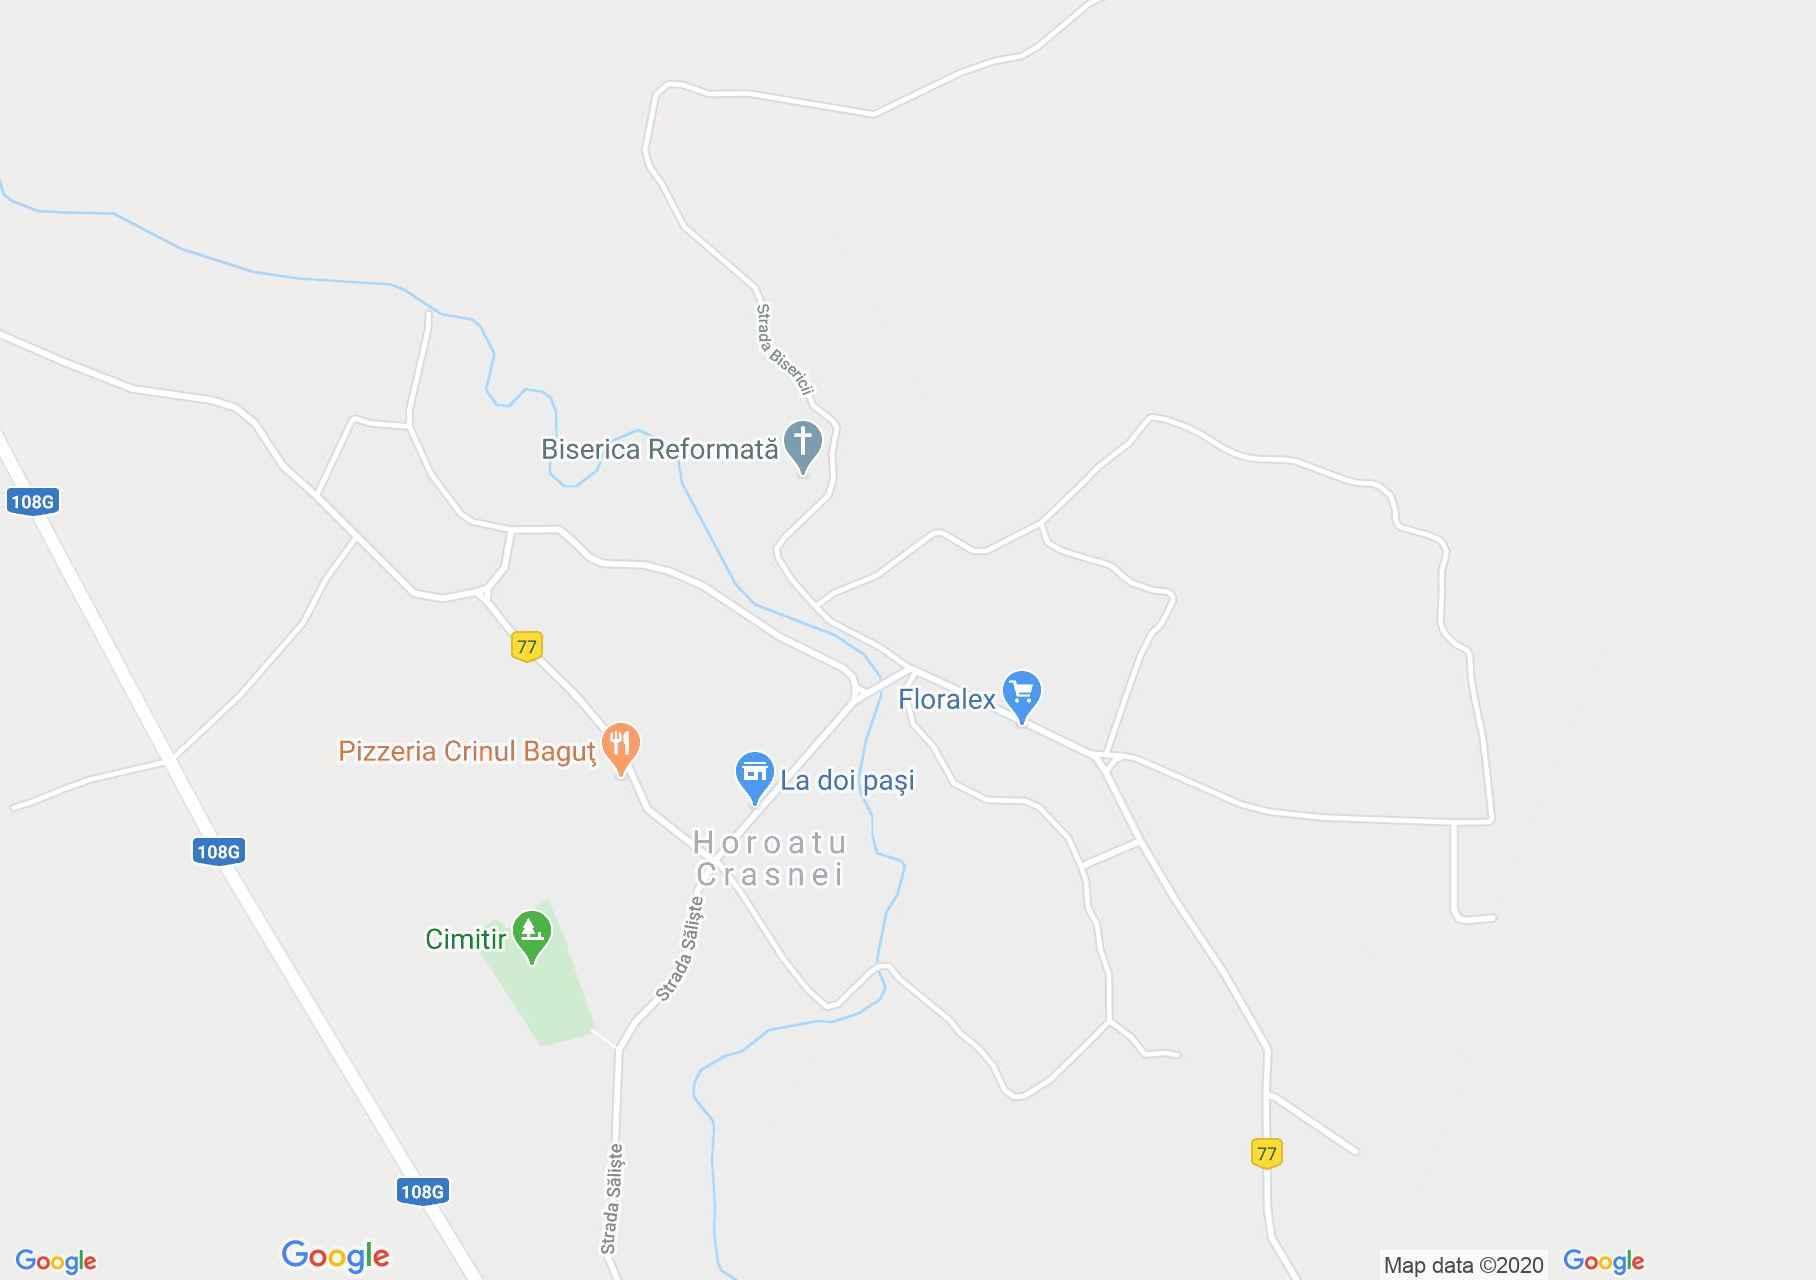 Horoatu Crasnei, Interactive tourist map